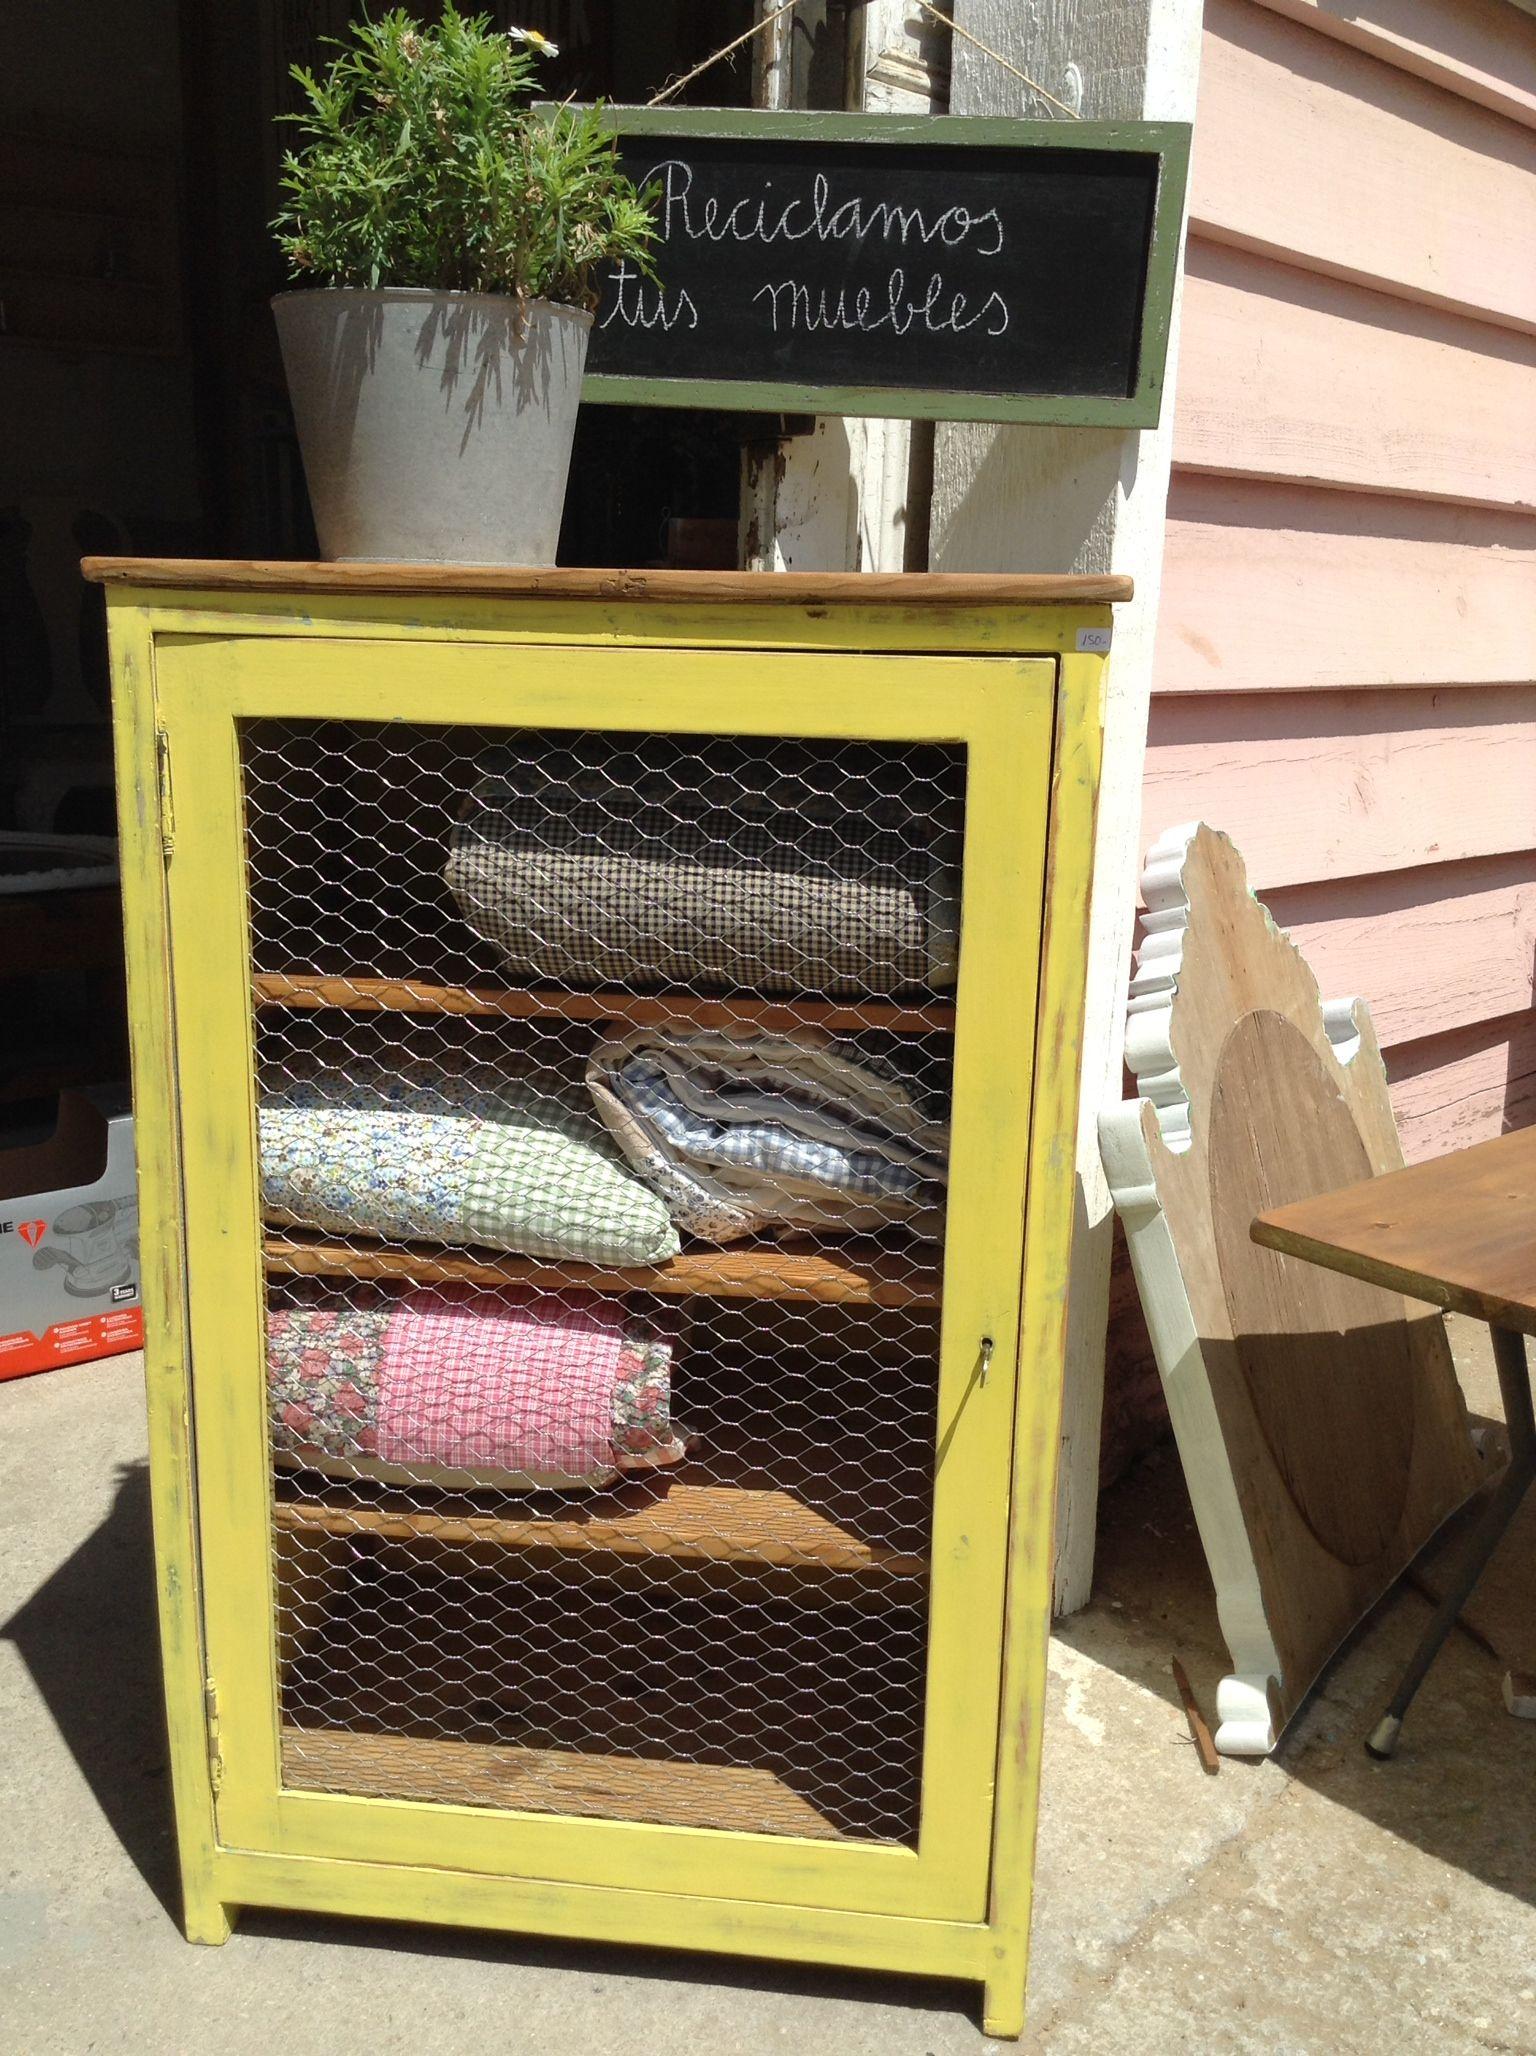 Mueble reciclado en barcelona con tela de gallinero para - Reciclar muebles de cocina ...